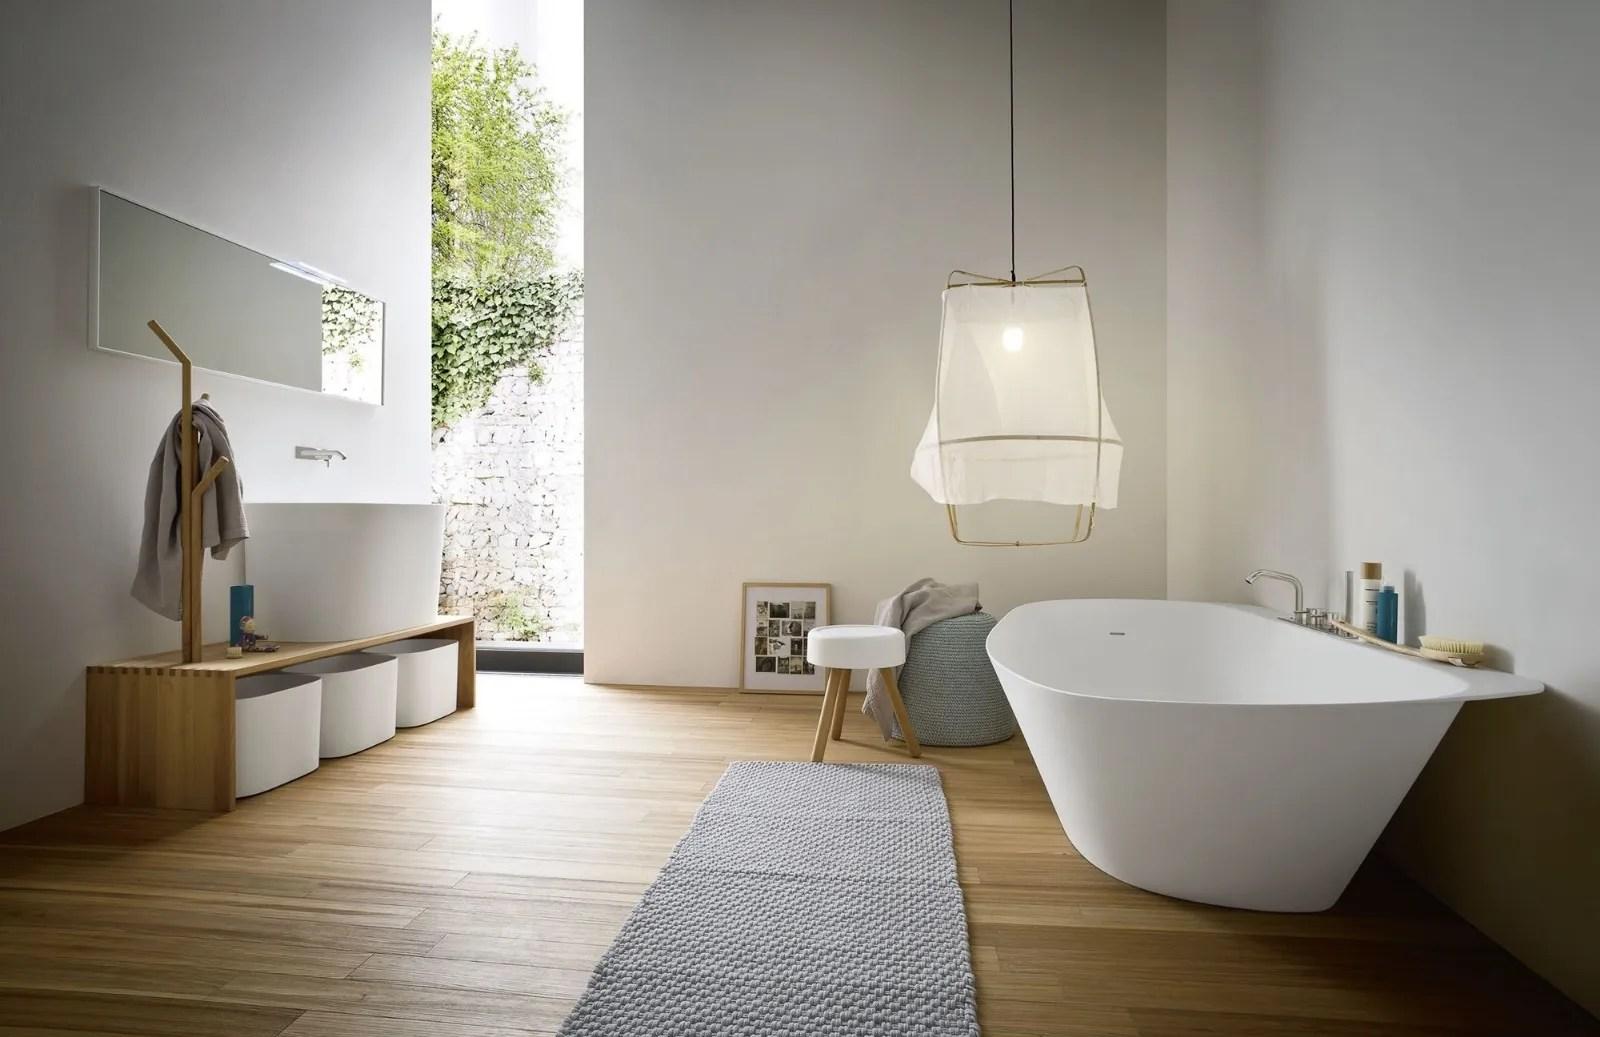 Consigli acquisto vasche da bagno  Consigli Bagno  Idee e consigli per acquistare la vasca da